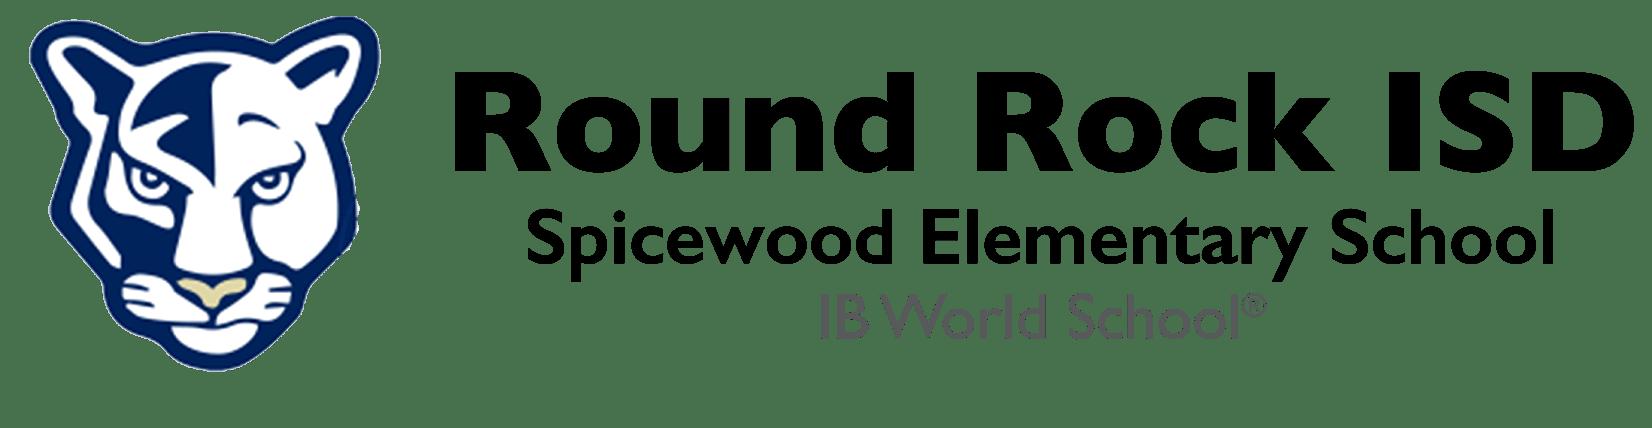 Spicewood Elementary School